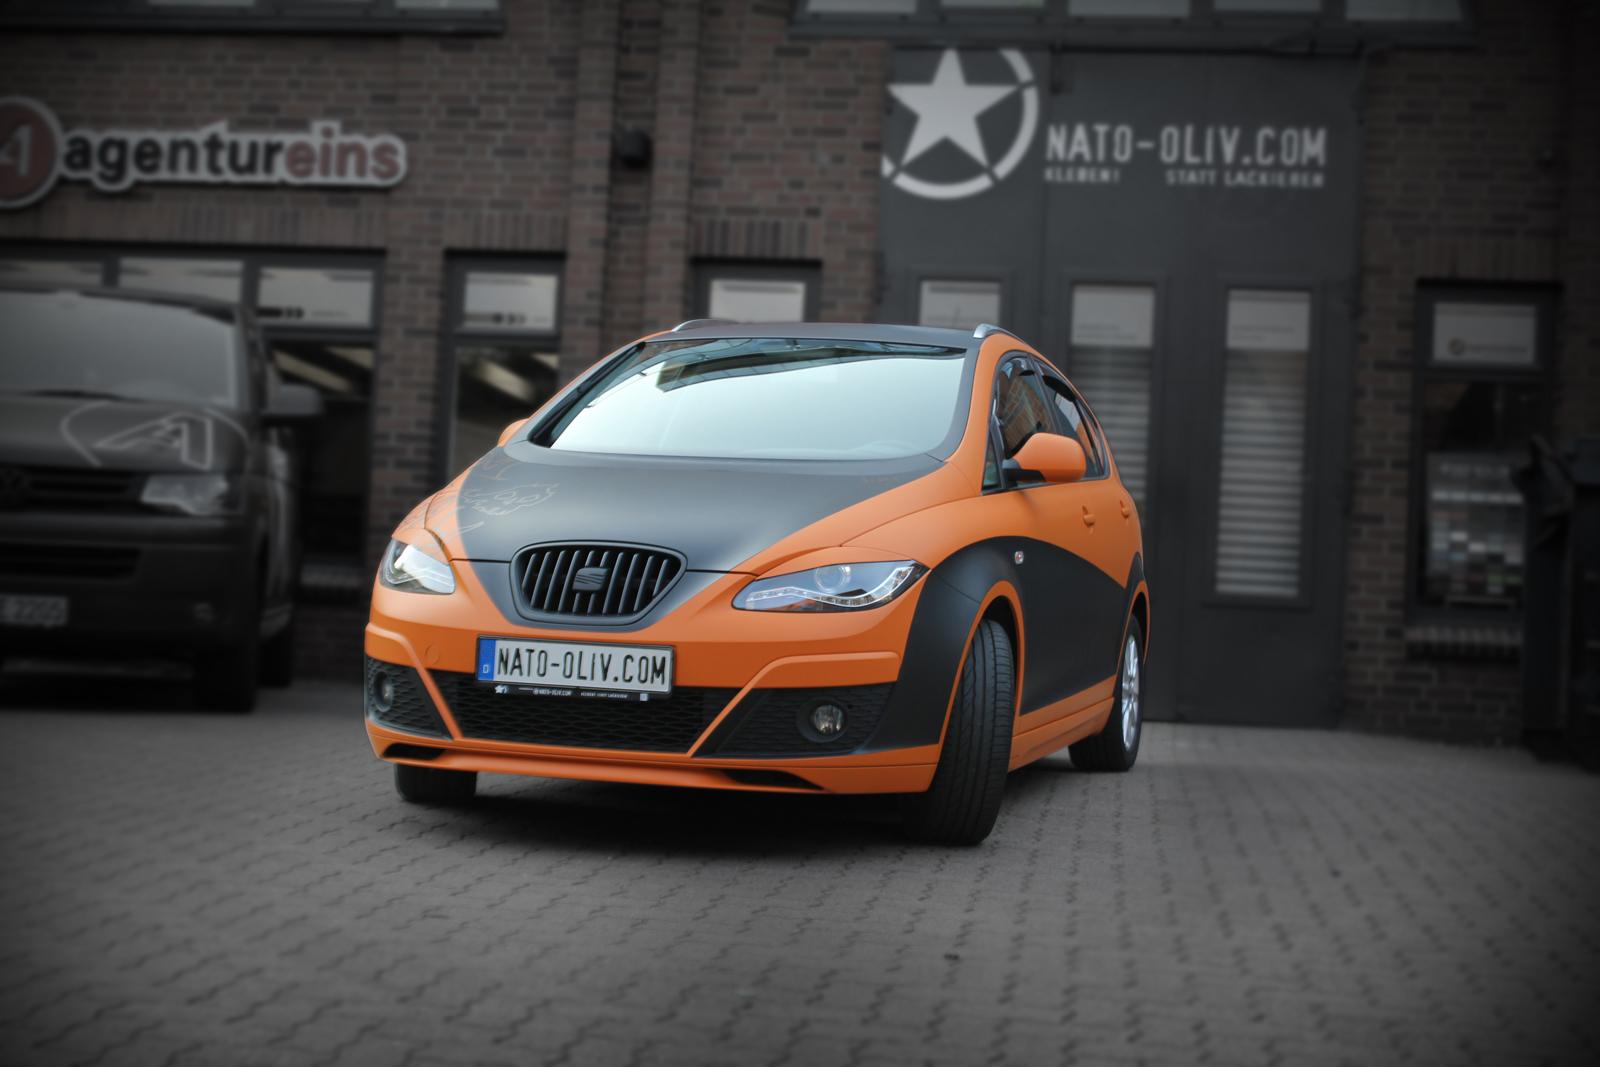 schraege Frontalansicht des Seat Altea XL in orange matt und schwarz matt mit Folie beklebt